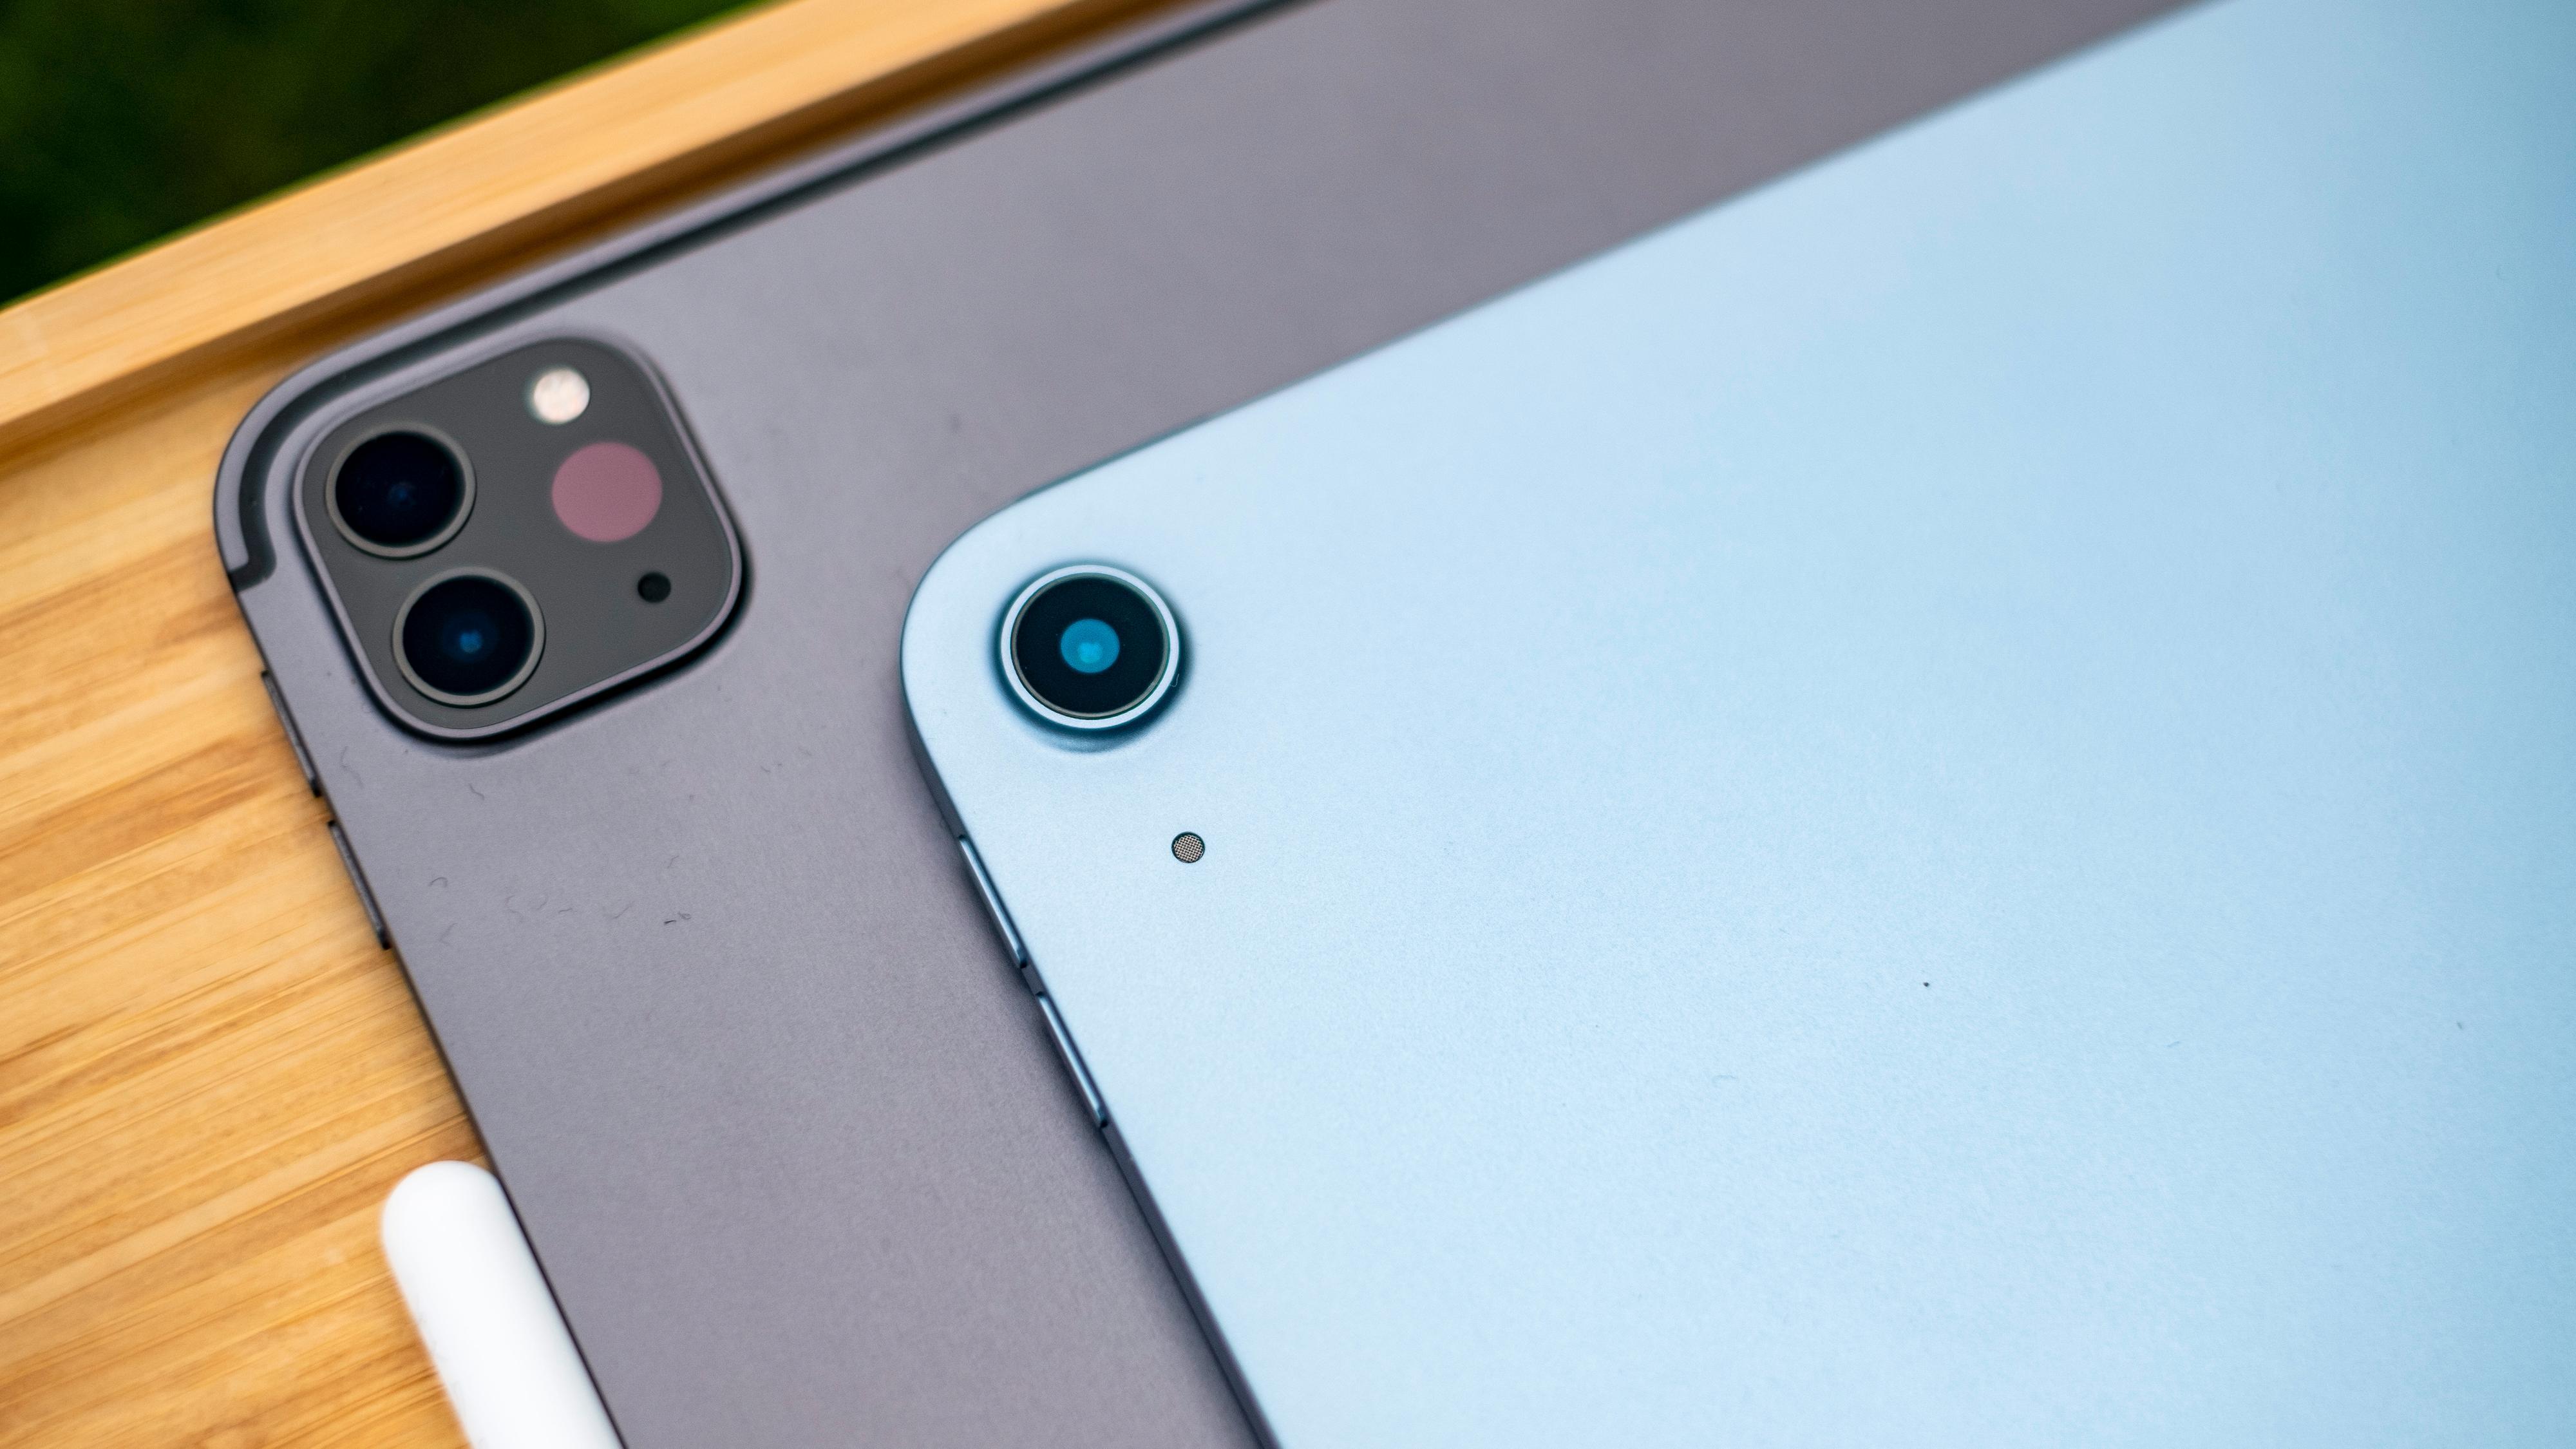 iPad Pro nederst har et ekstra vidvinkelkamera og en LIDAR-sensor som gir den rask oversikt over sine omgivelser i 3D til for eksempel rask fokusering eller utvidet virkelighet (AR). iPad Air har «bare» et kamera, men kameraet fungerer godt nok - og den kan fortsatt bruke AR-funksjoner.